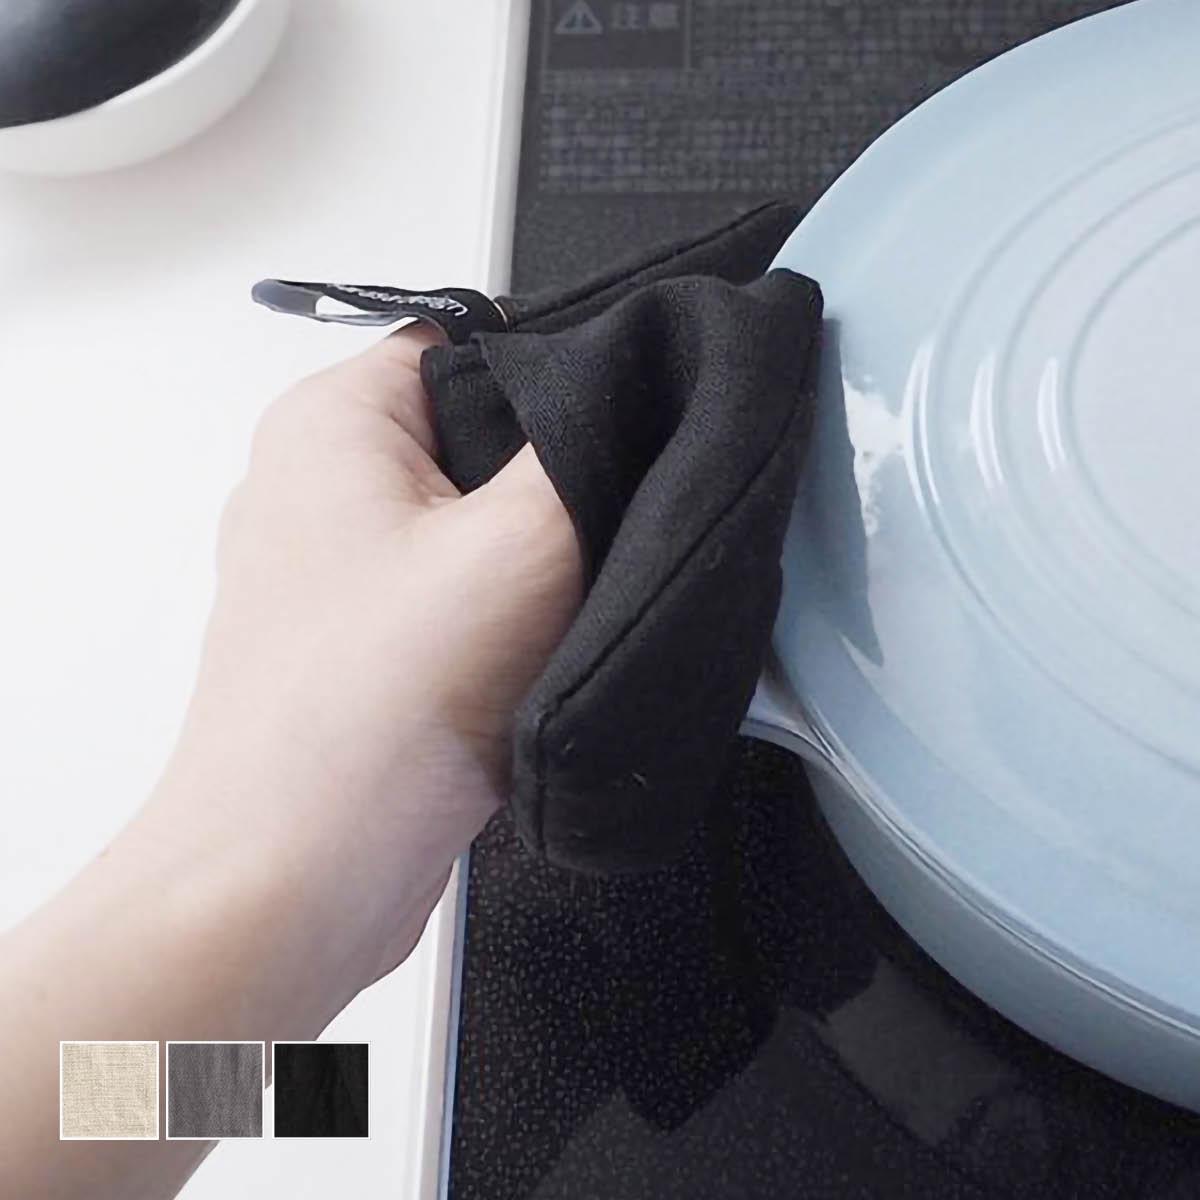 鍋つかみ 新作アイテム毎日更新 b2c リネン キッチン 《メール便可》b2c 人気の定番 鍋つかみ#SL_KT 1個入り グリルミトン